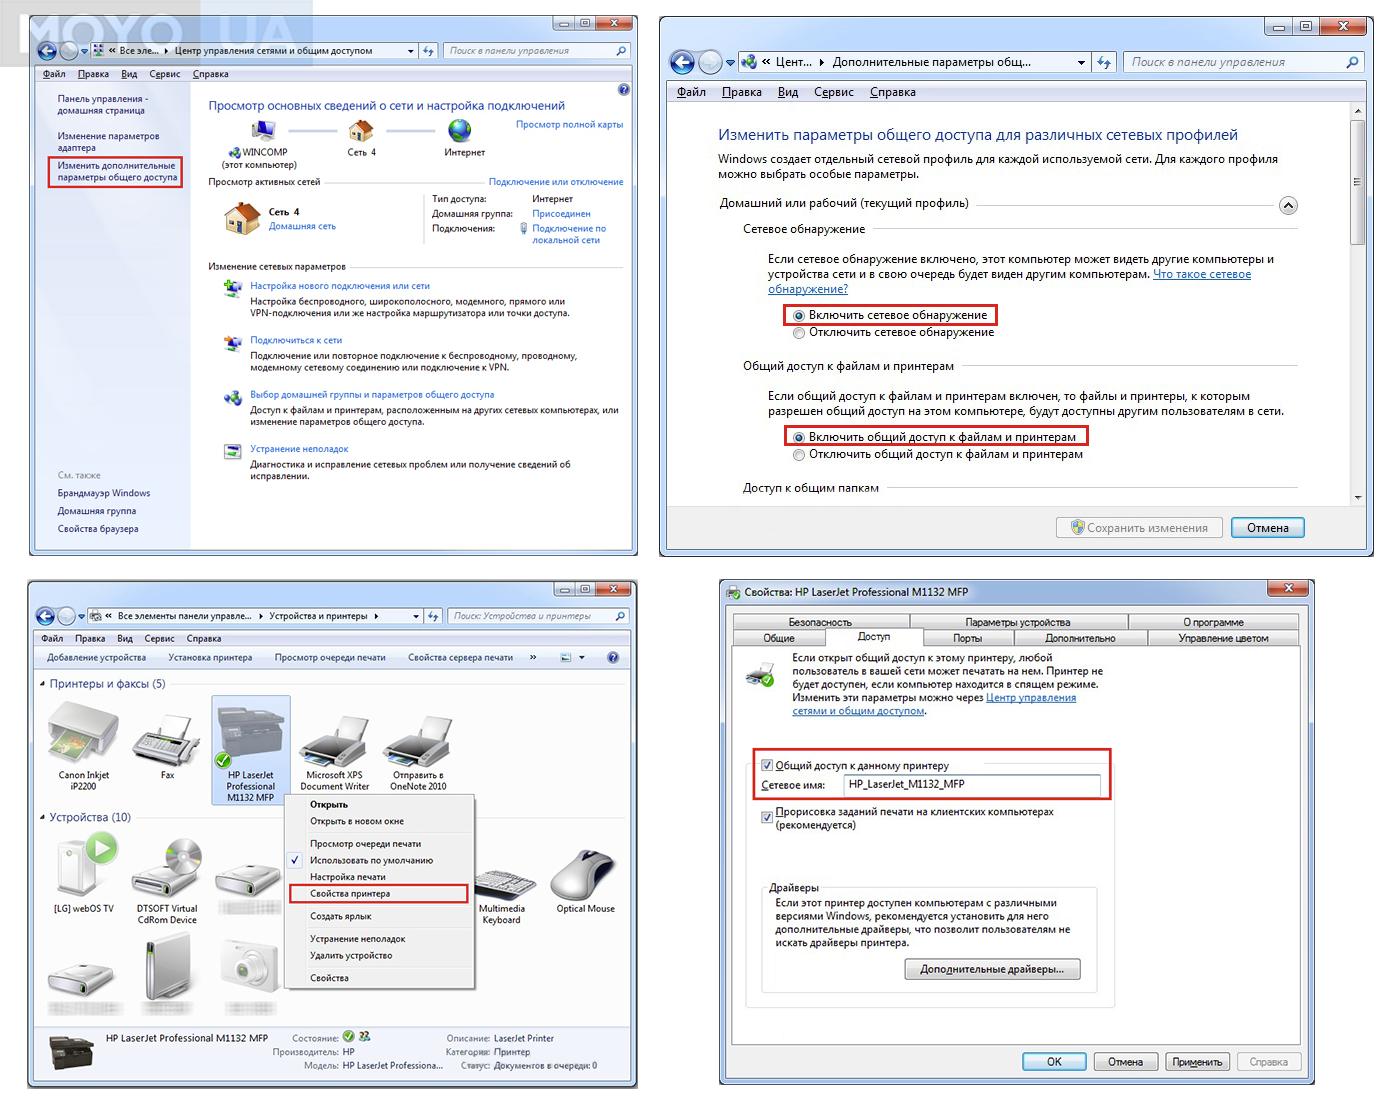 открыть общий доступ к сетевому принтеру в Windows 7